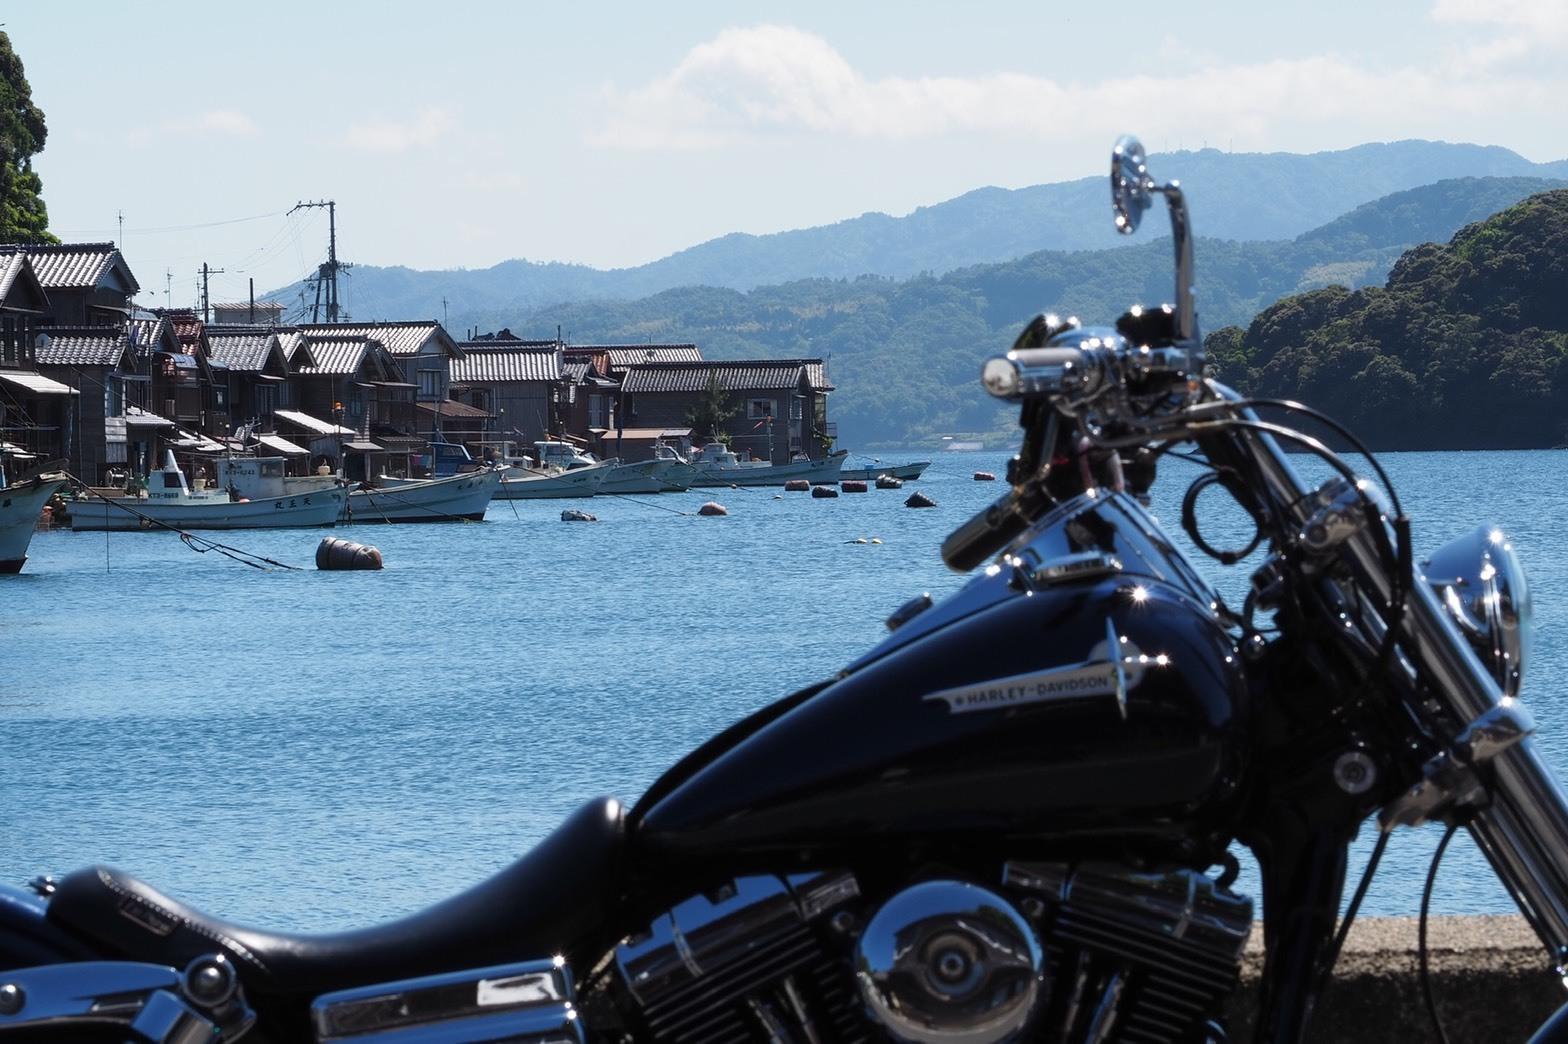 ぴーきち&ダイナ ハーレーブログ 京都丹後半島ツーリンング ハーレーと伊根の舟屋 景色